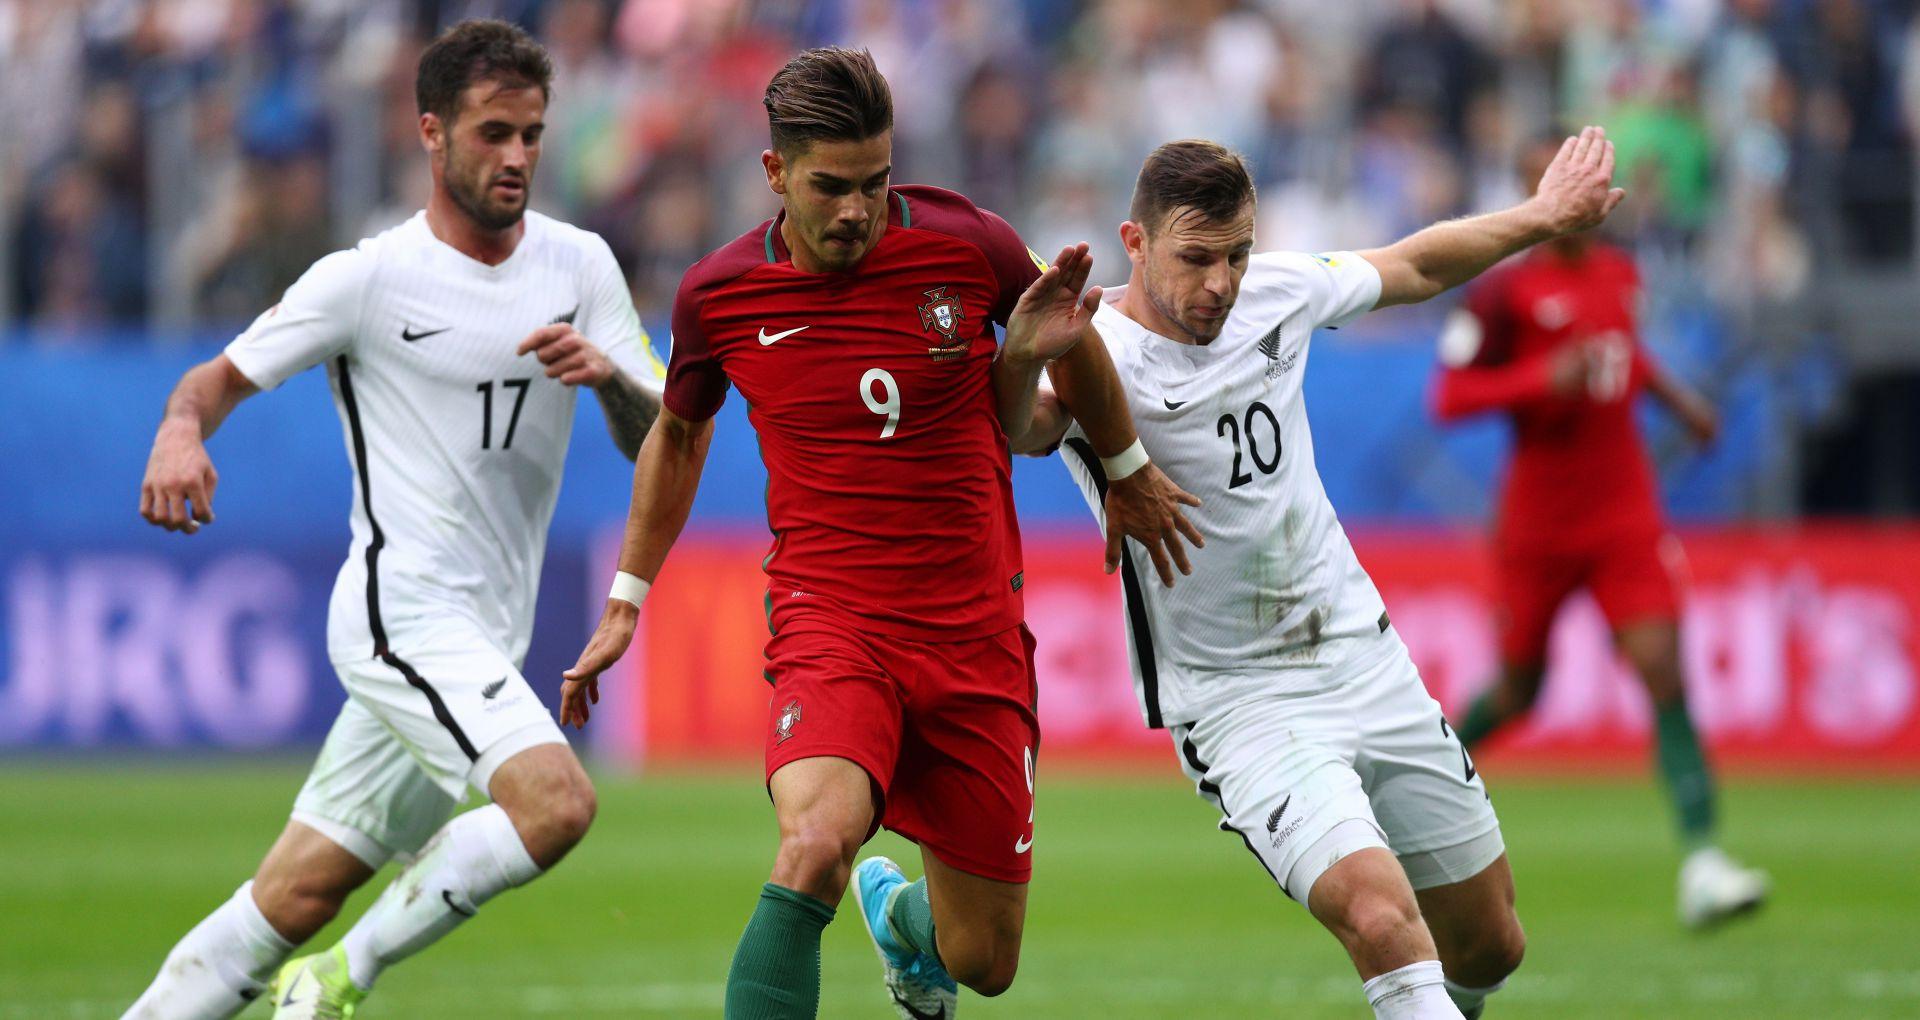 Andre Silva Portugal New Zealand Confederations Cup